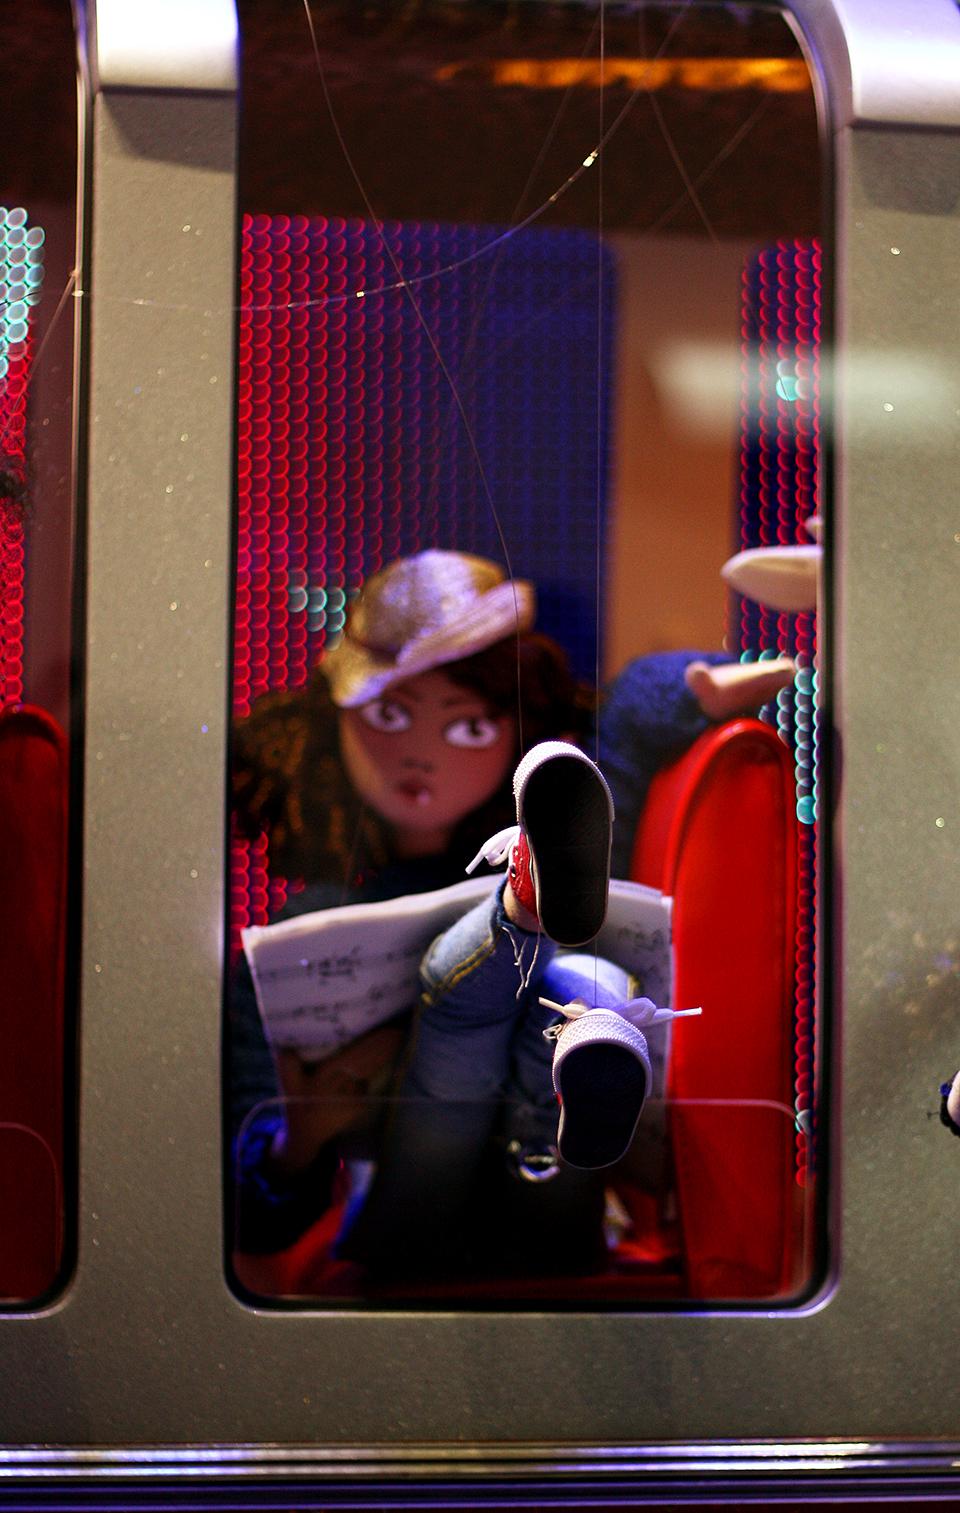 vitrines-noel-galeries-lafayette-2011-21